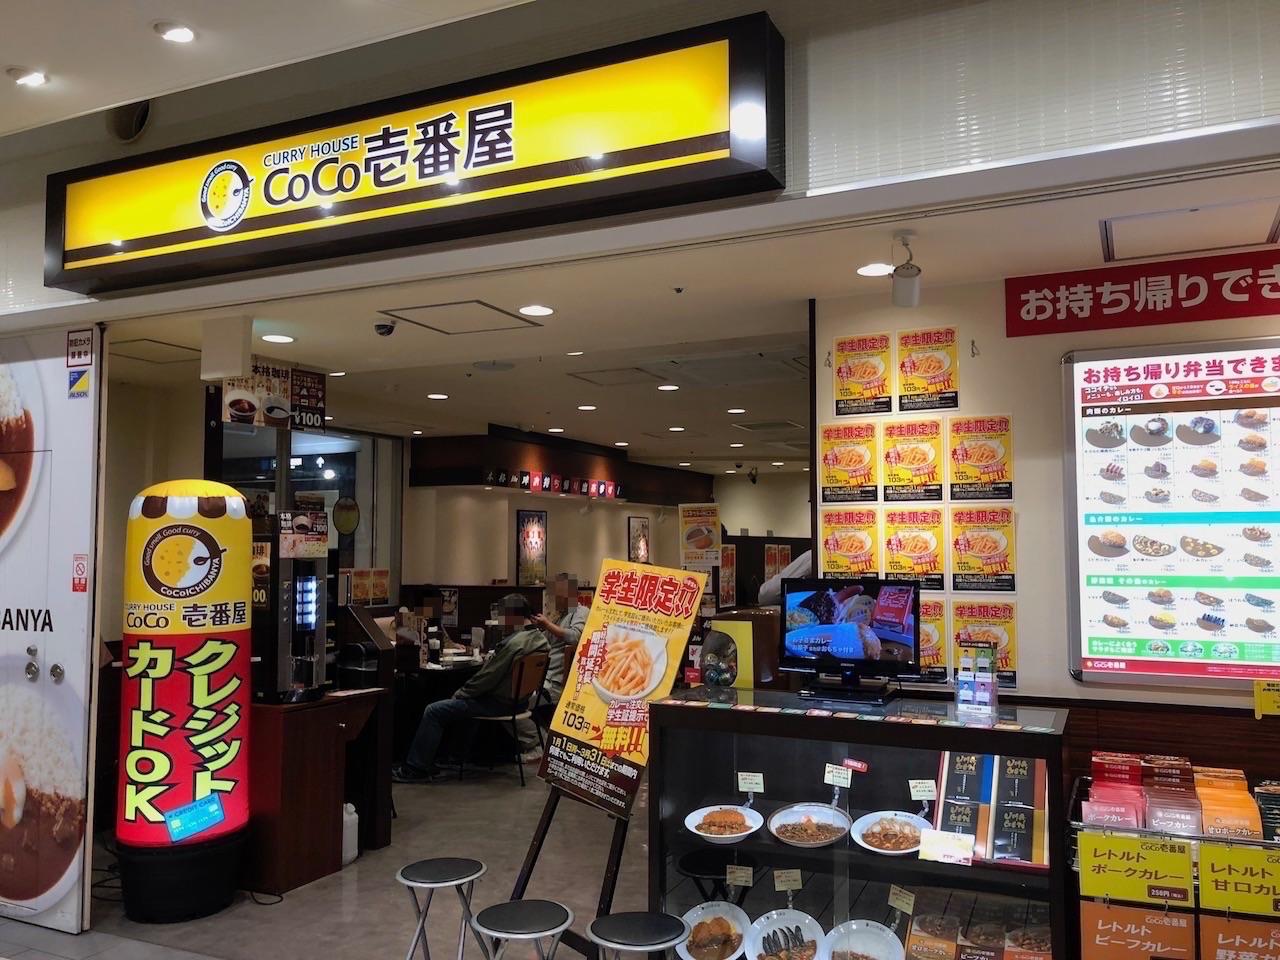 3辛のチキンにこみカレーで火を吹いた!意外と知られていないけど姫路駅前にもCoCo壱番屋(ココイチ)あるよ!